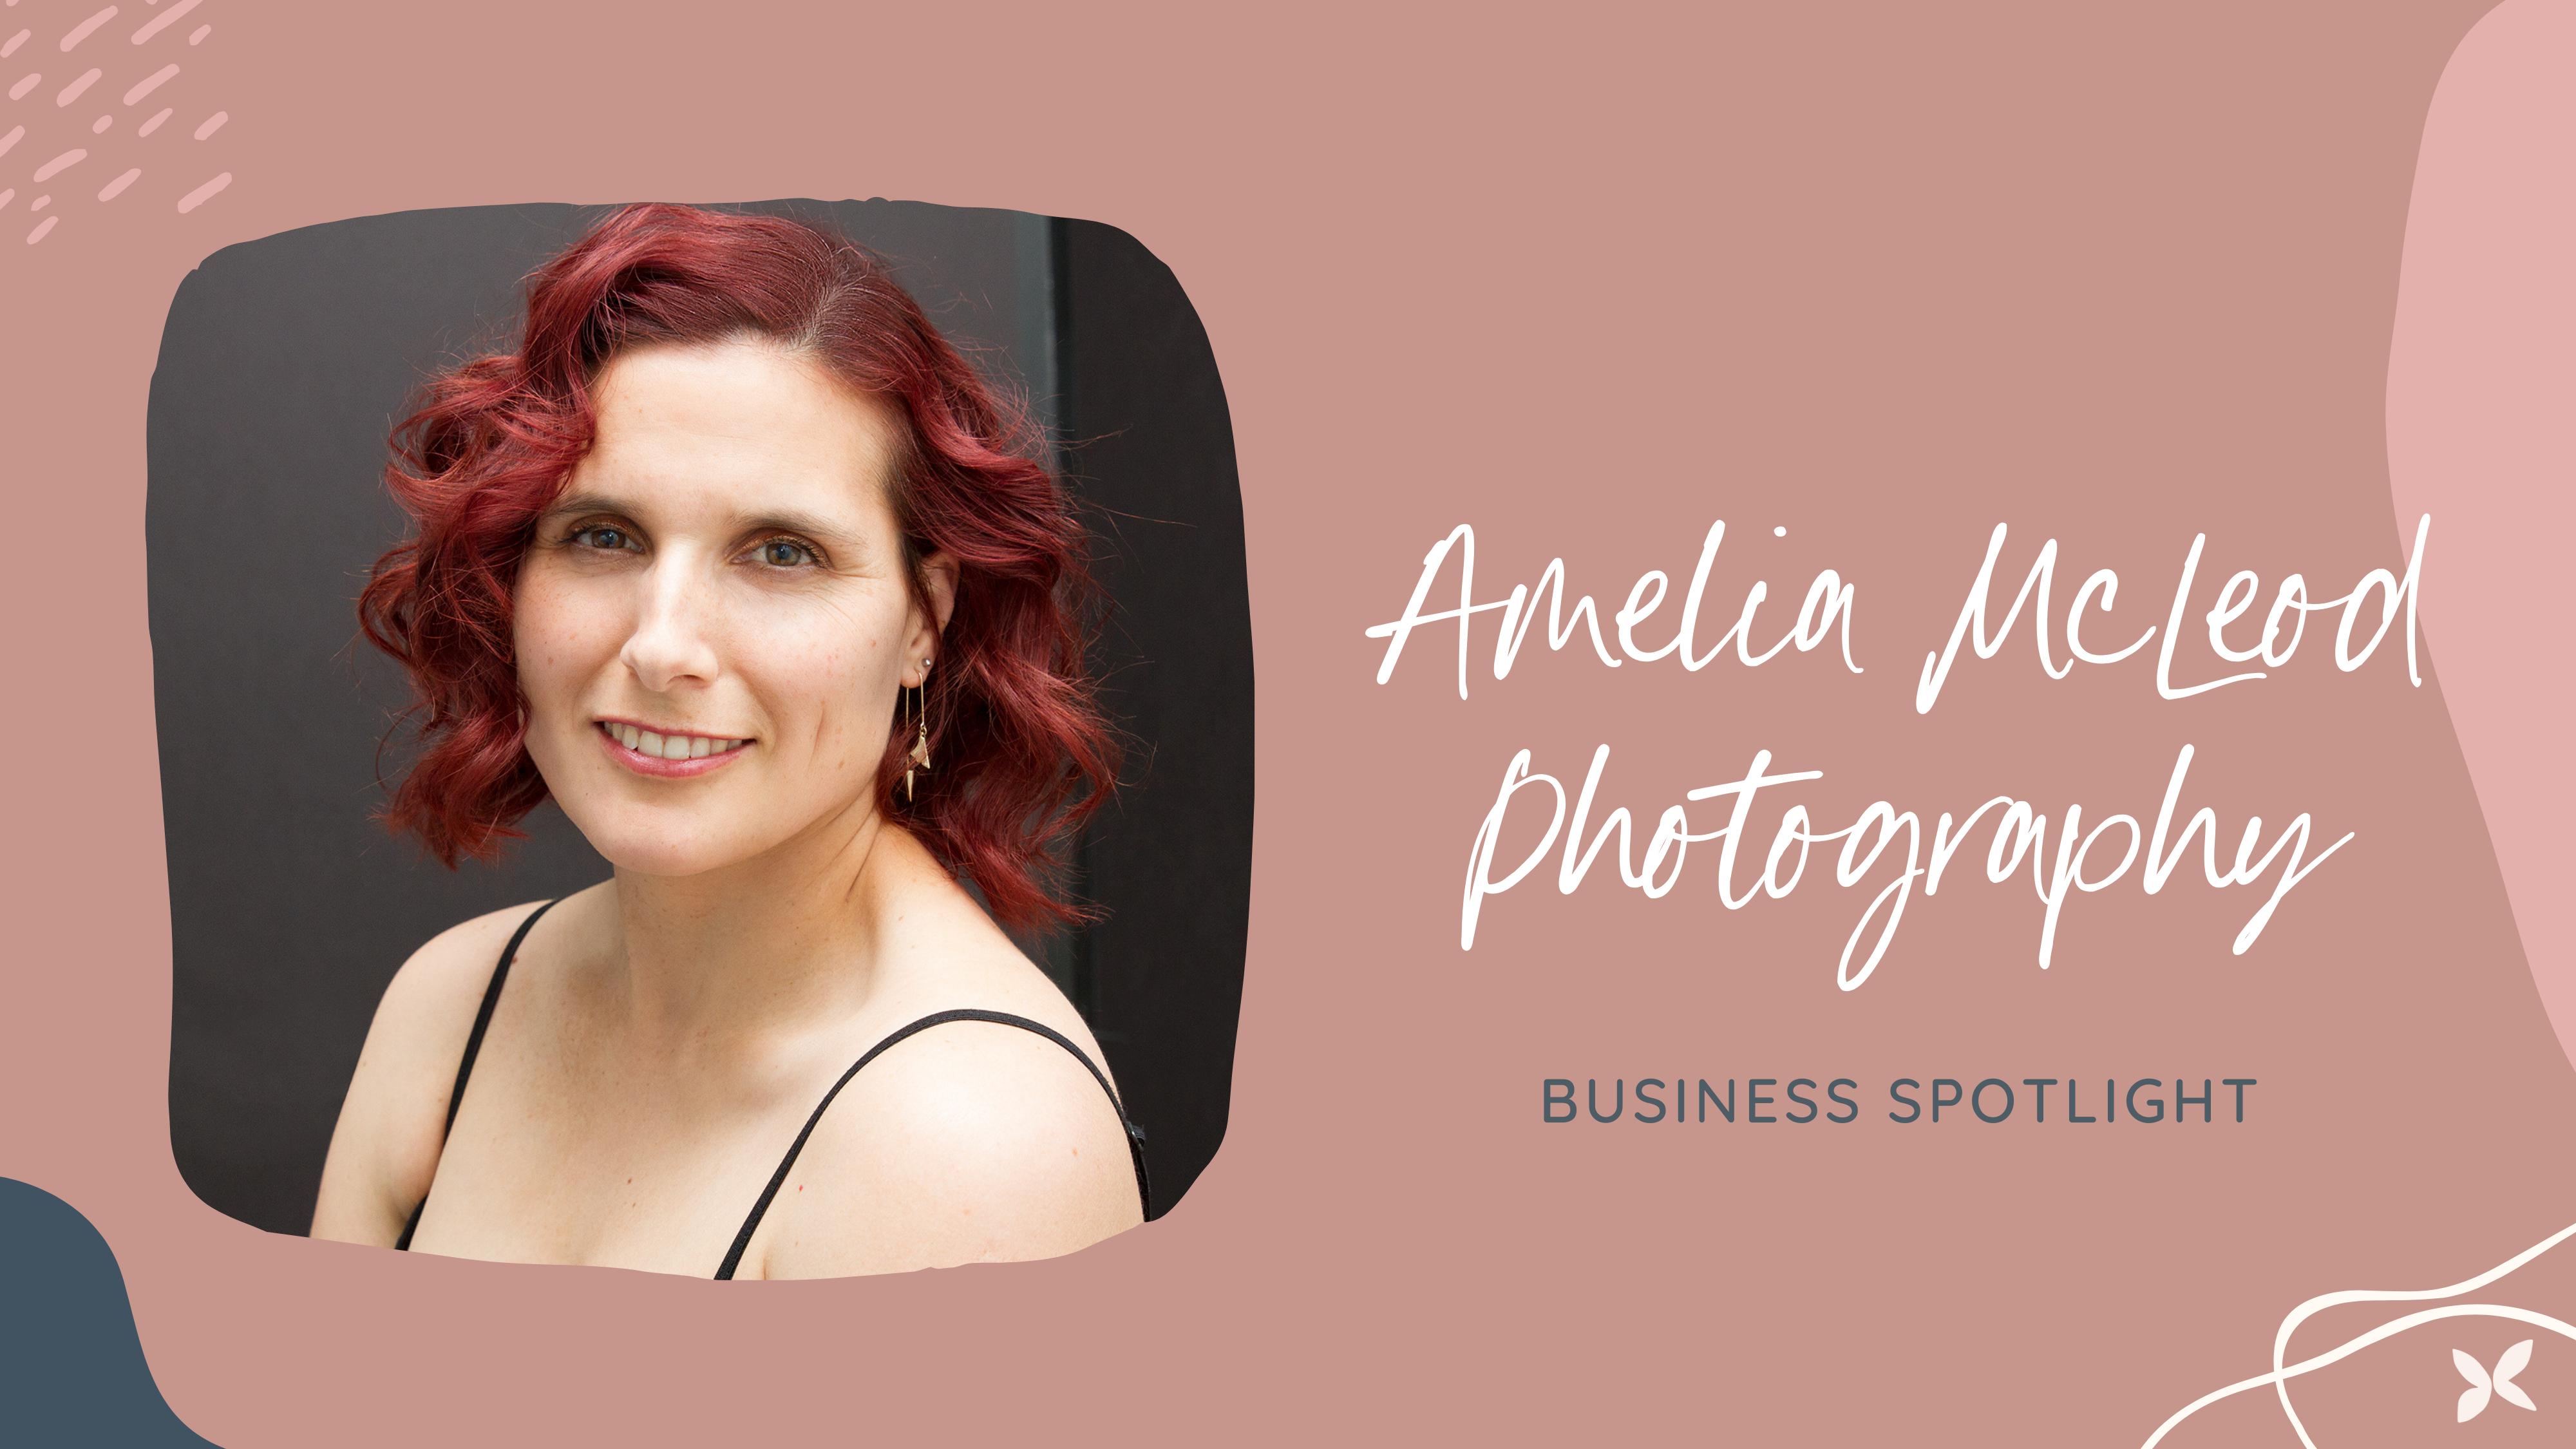 Meet Amelia McLeod of Amelia McLeod Photography